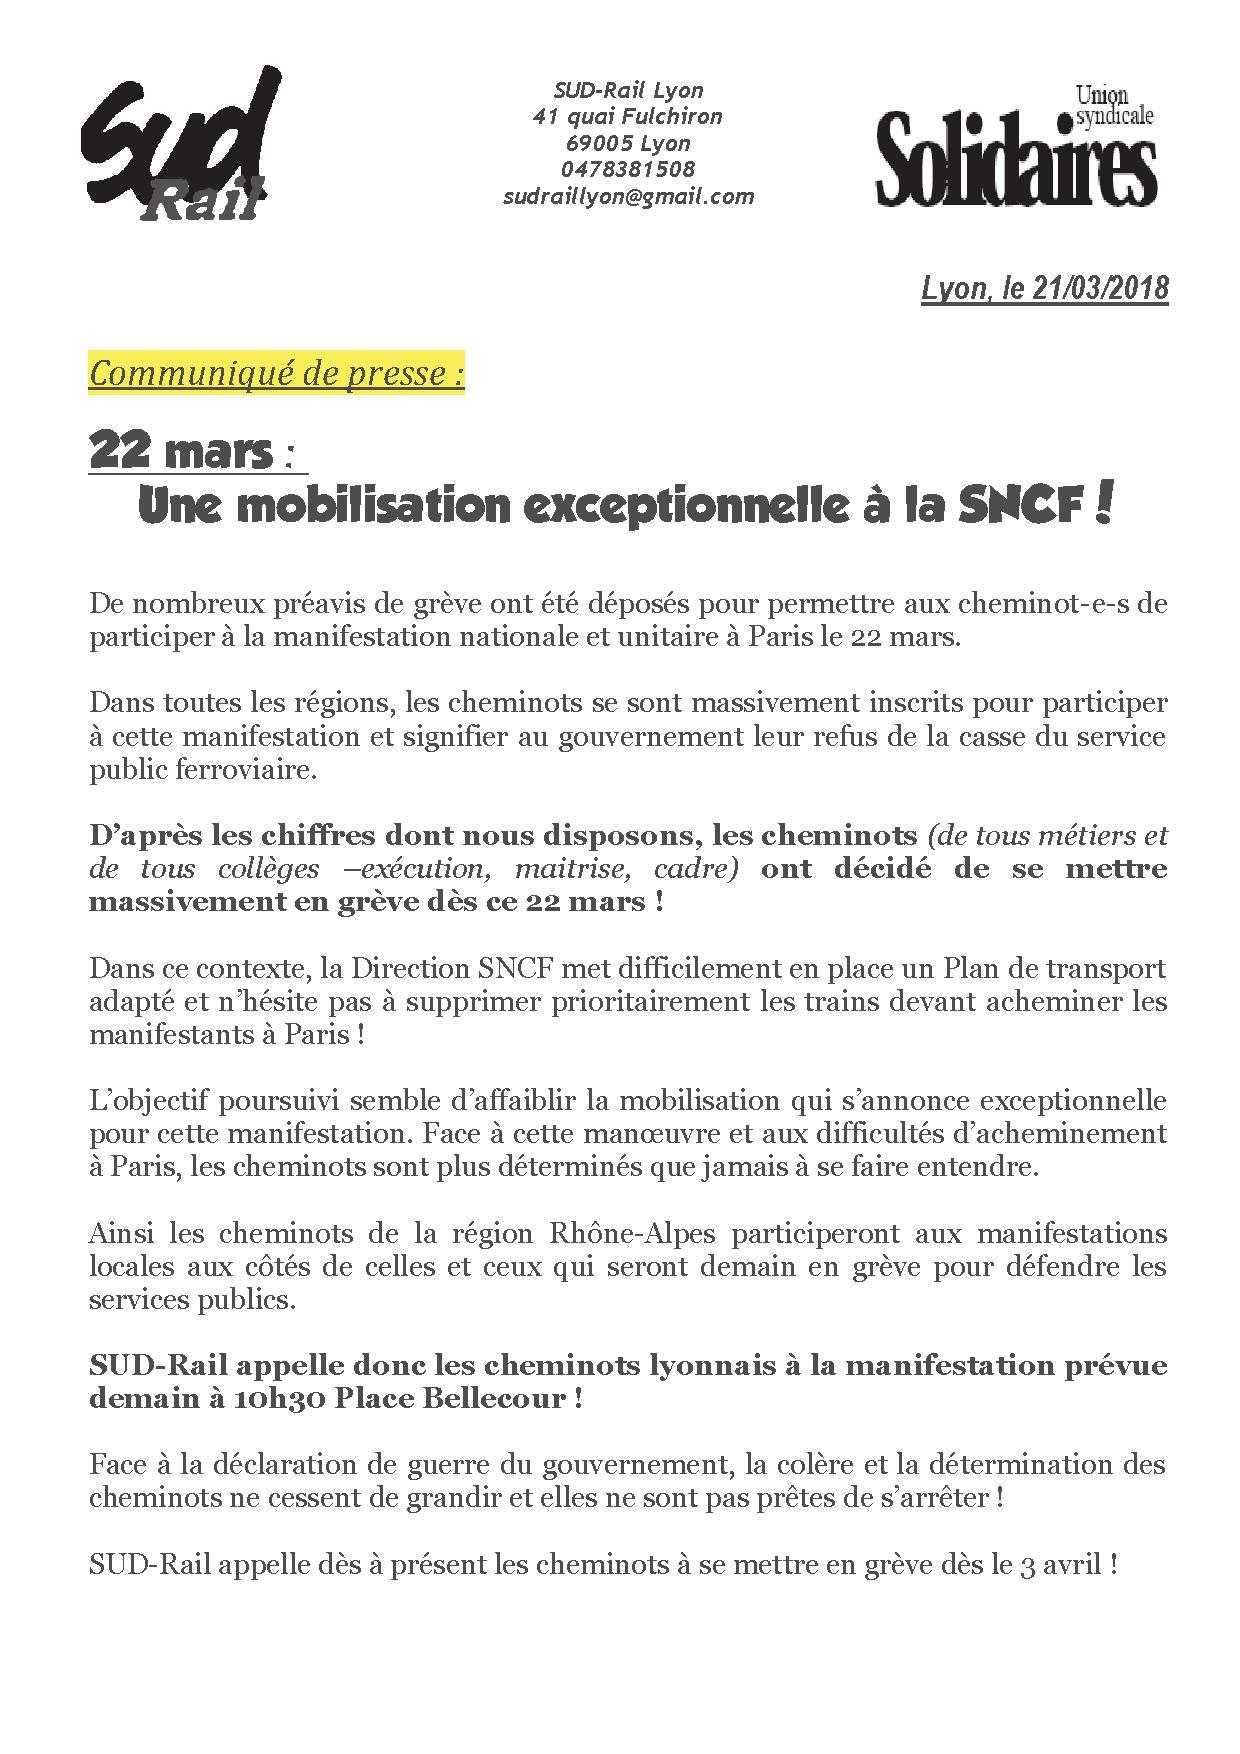 grève paris 22 mars 2018